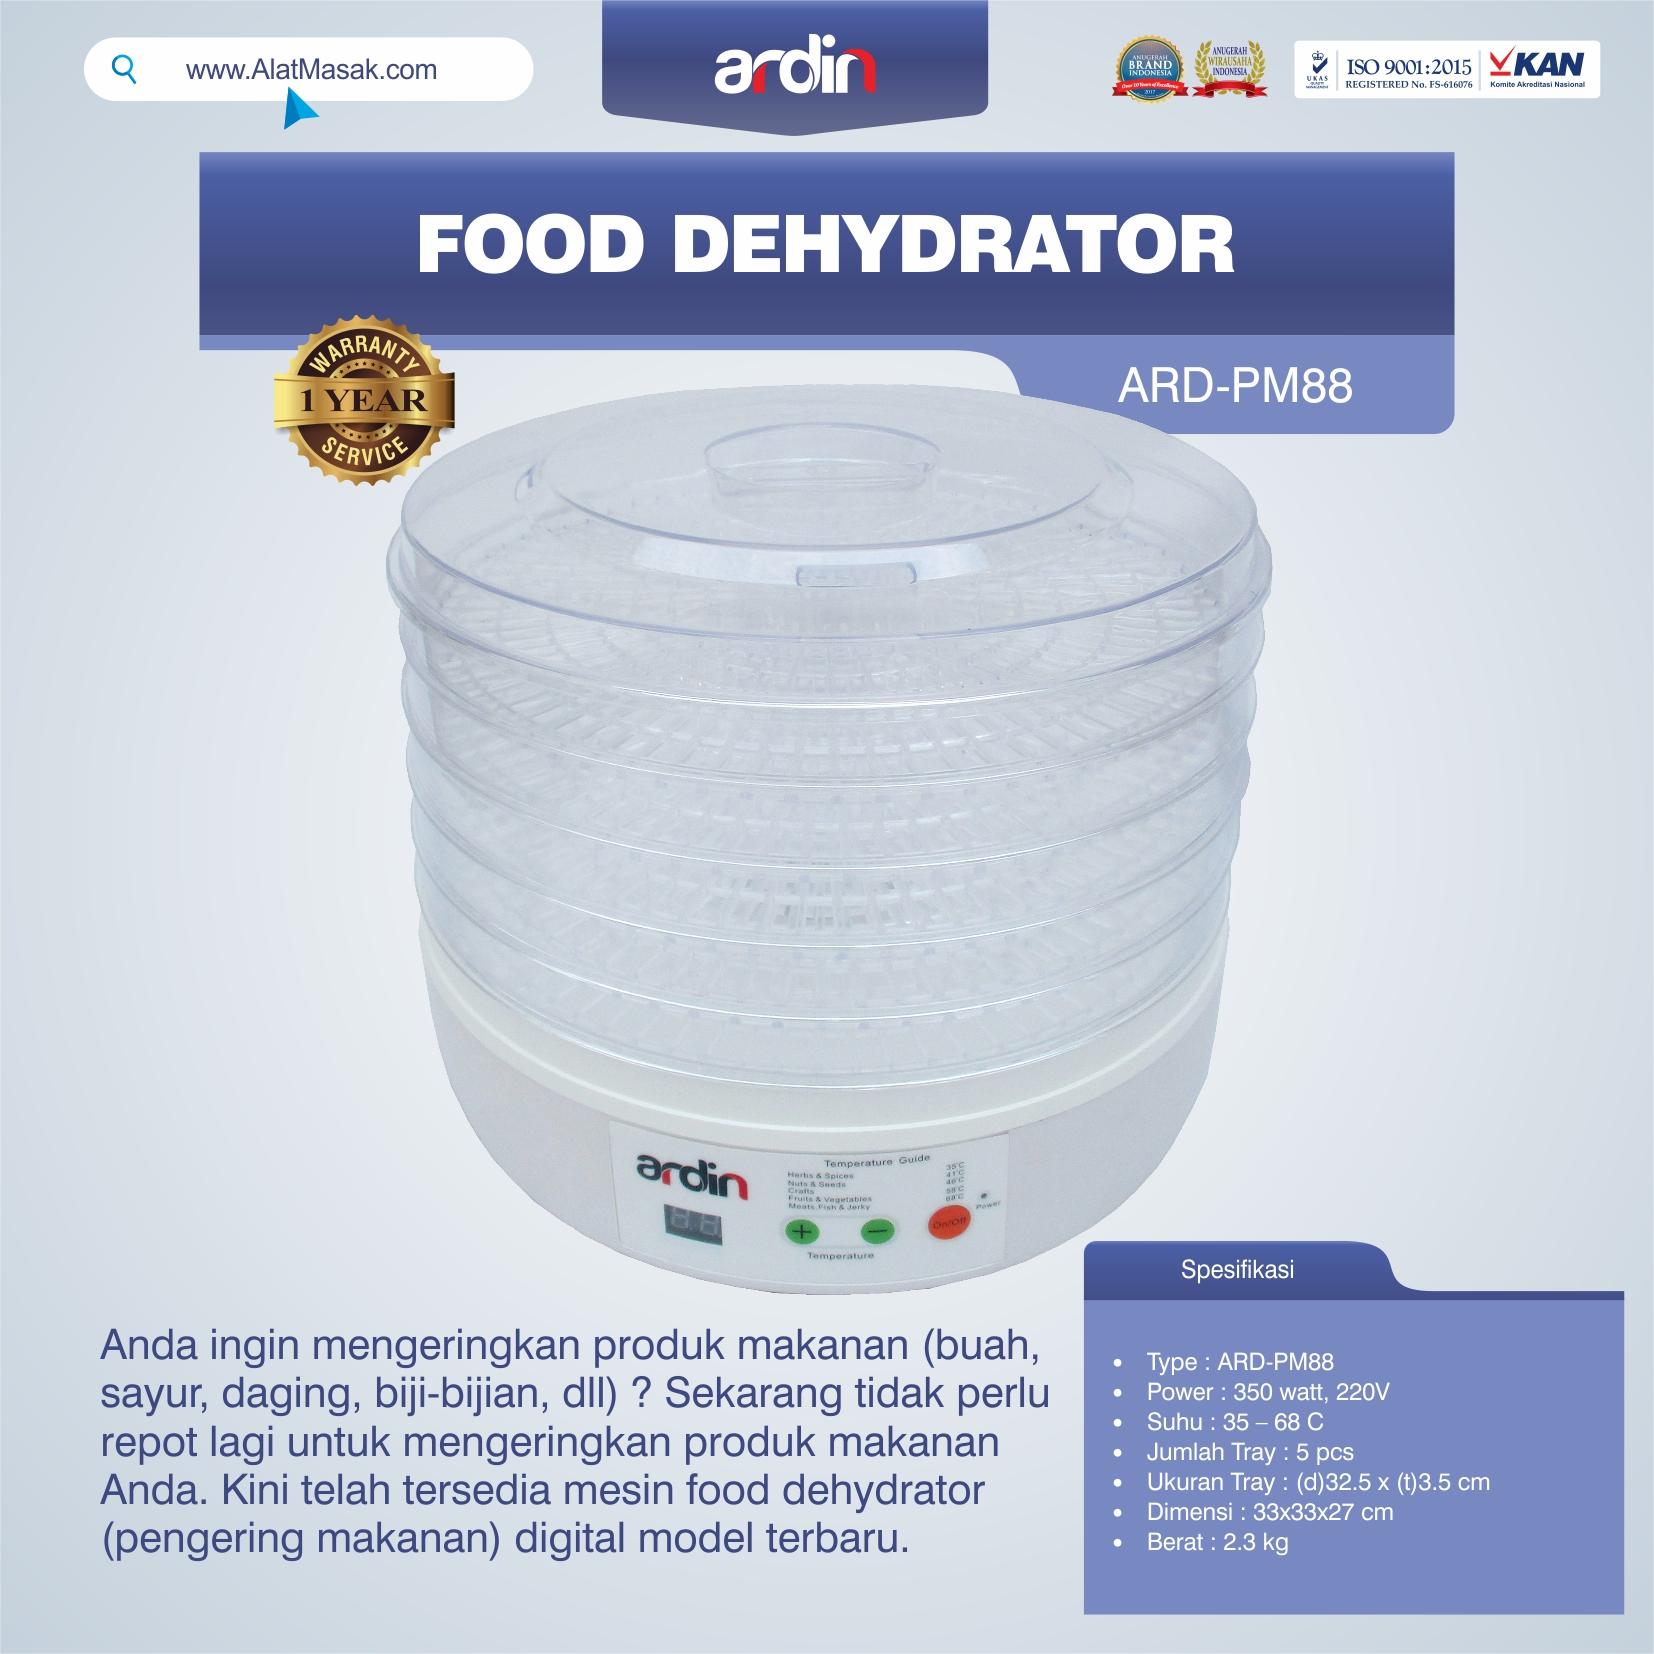 Jual Food Dehydrator ARD-PM88 di Yogyakarta